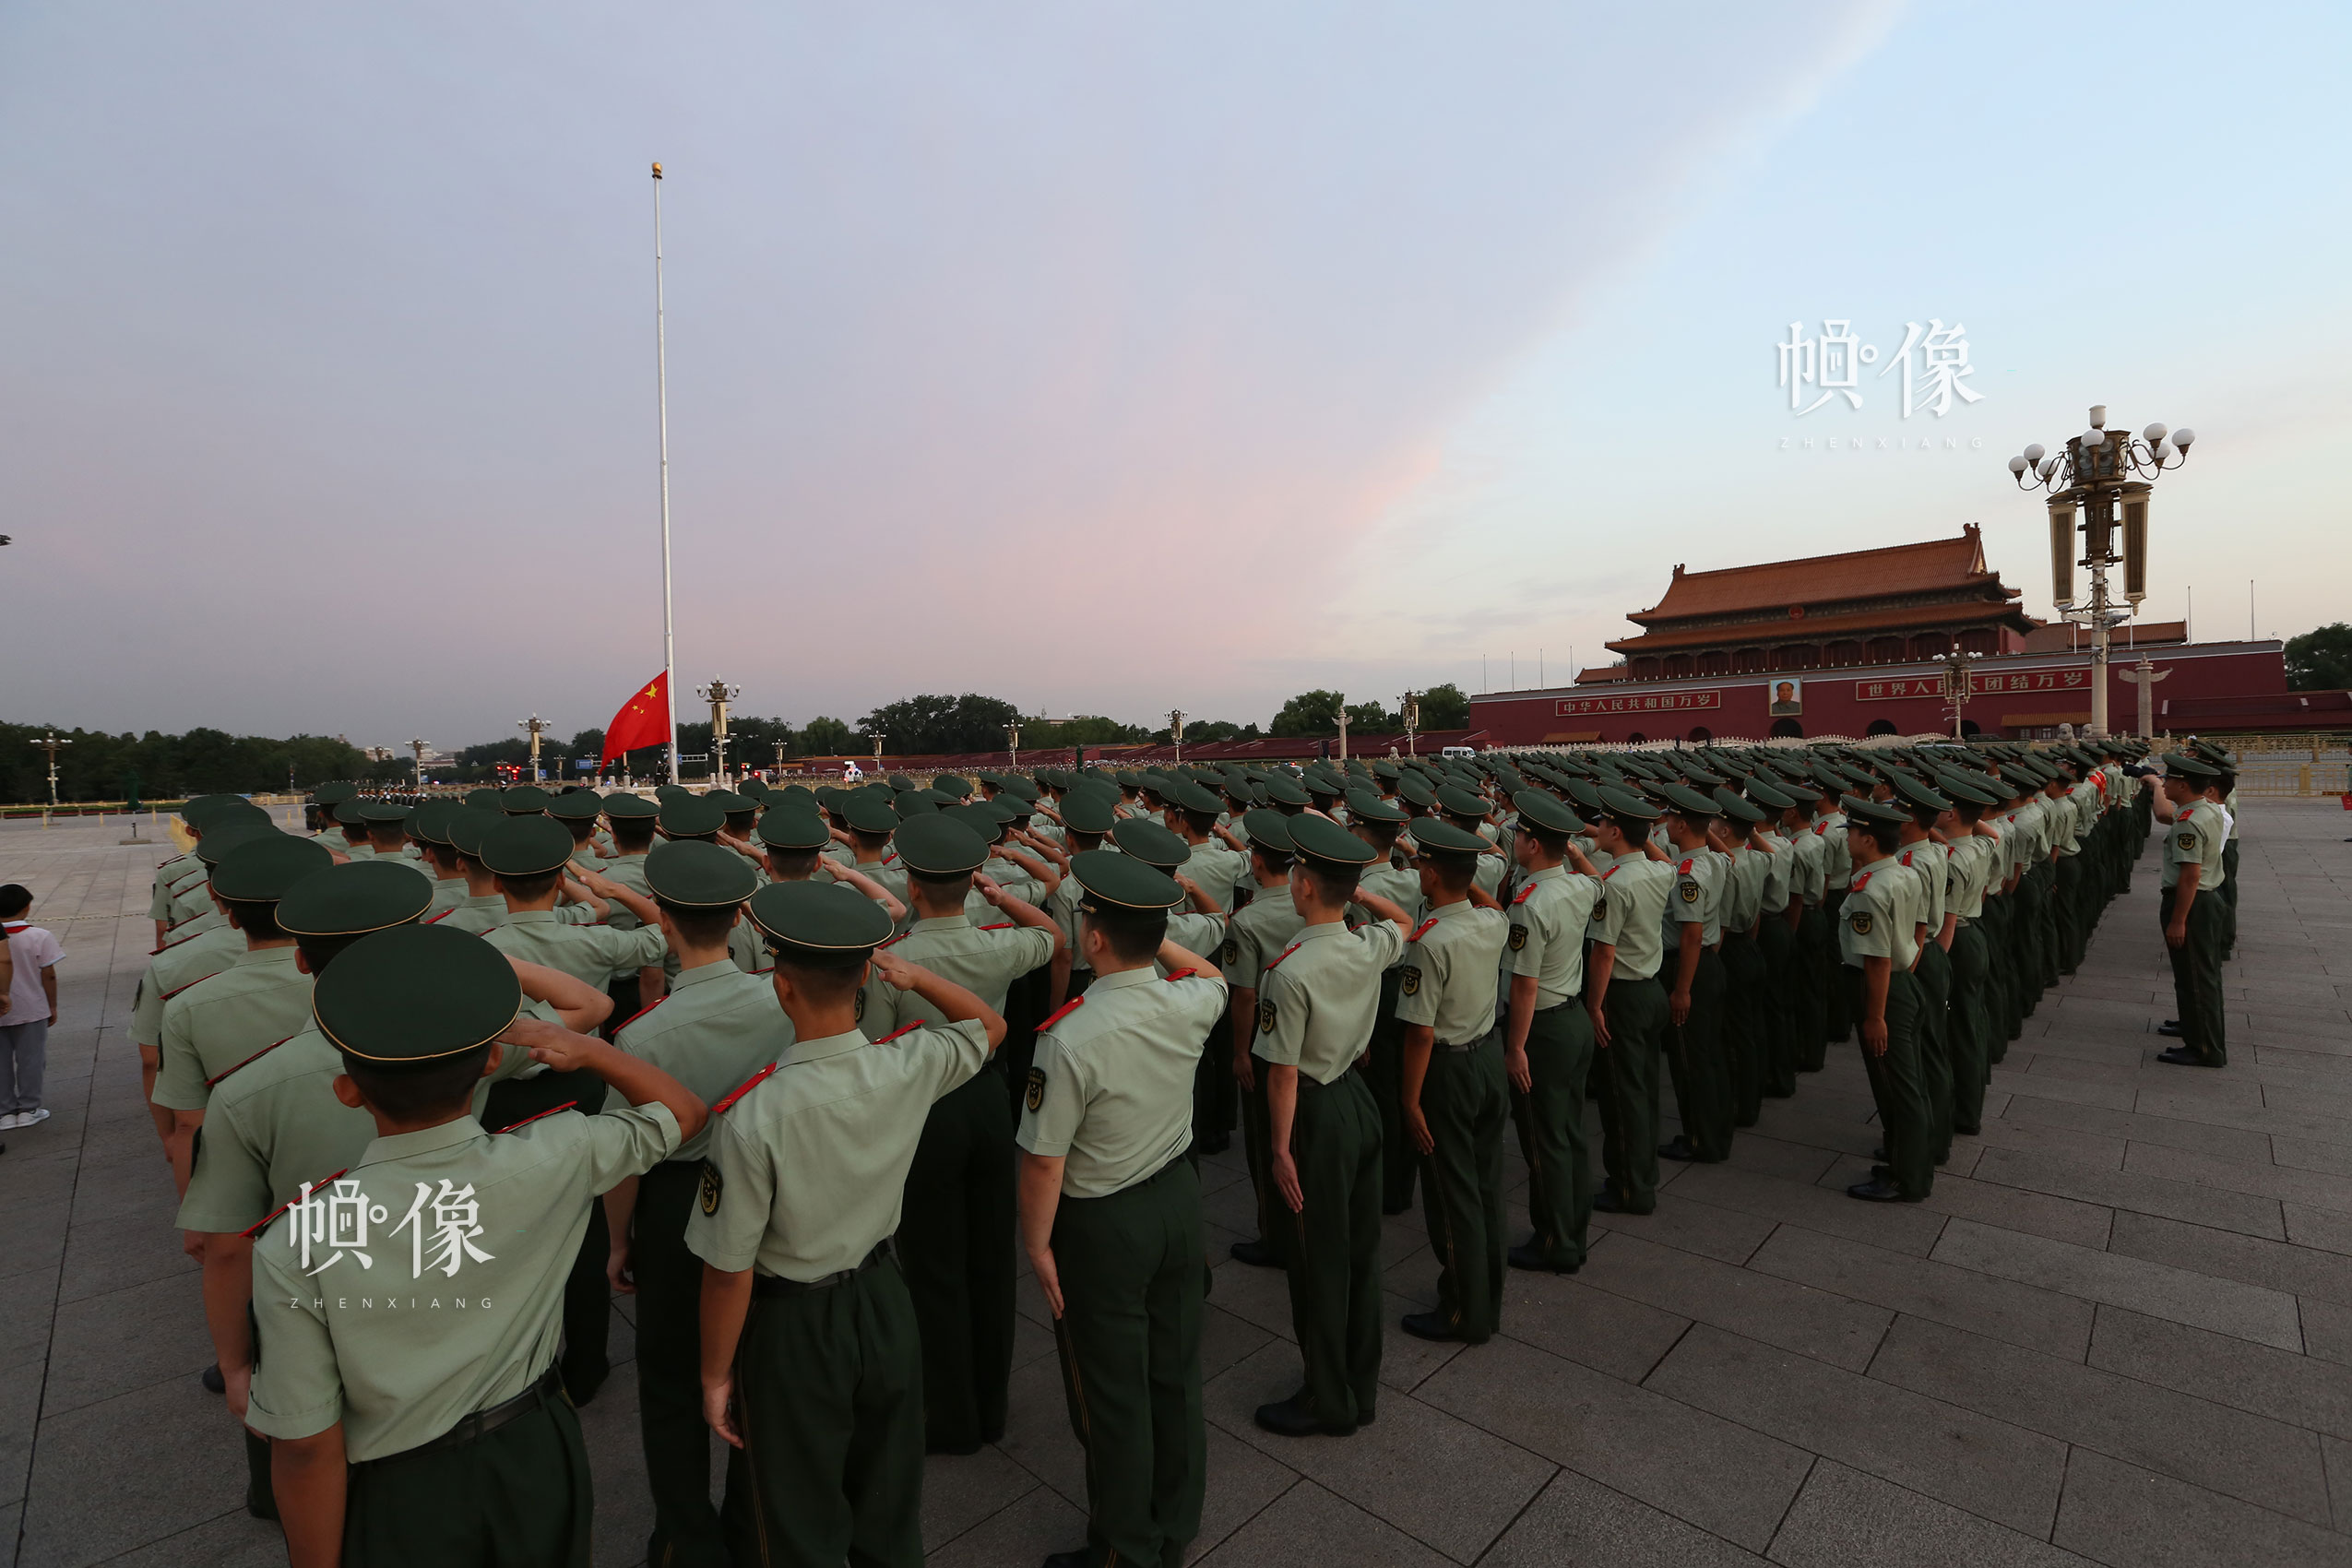 2016年8月30日武警天安门支队举行复退老兵向国旗敬礼仪式。李超供图